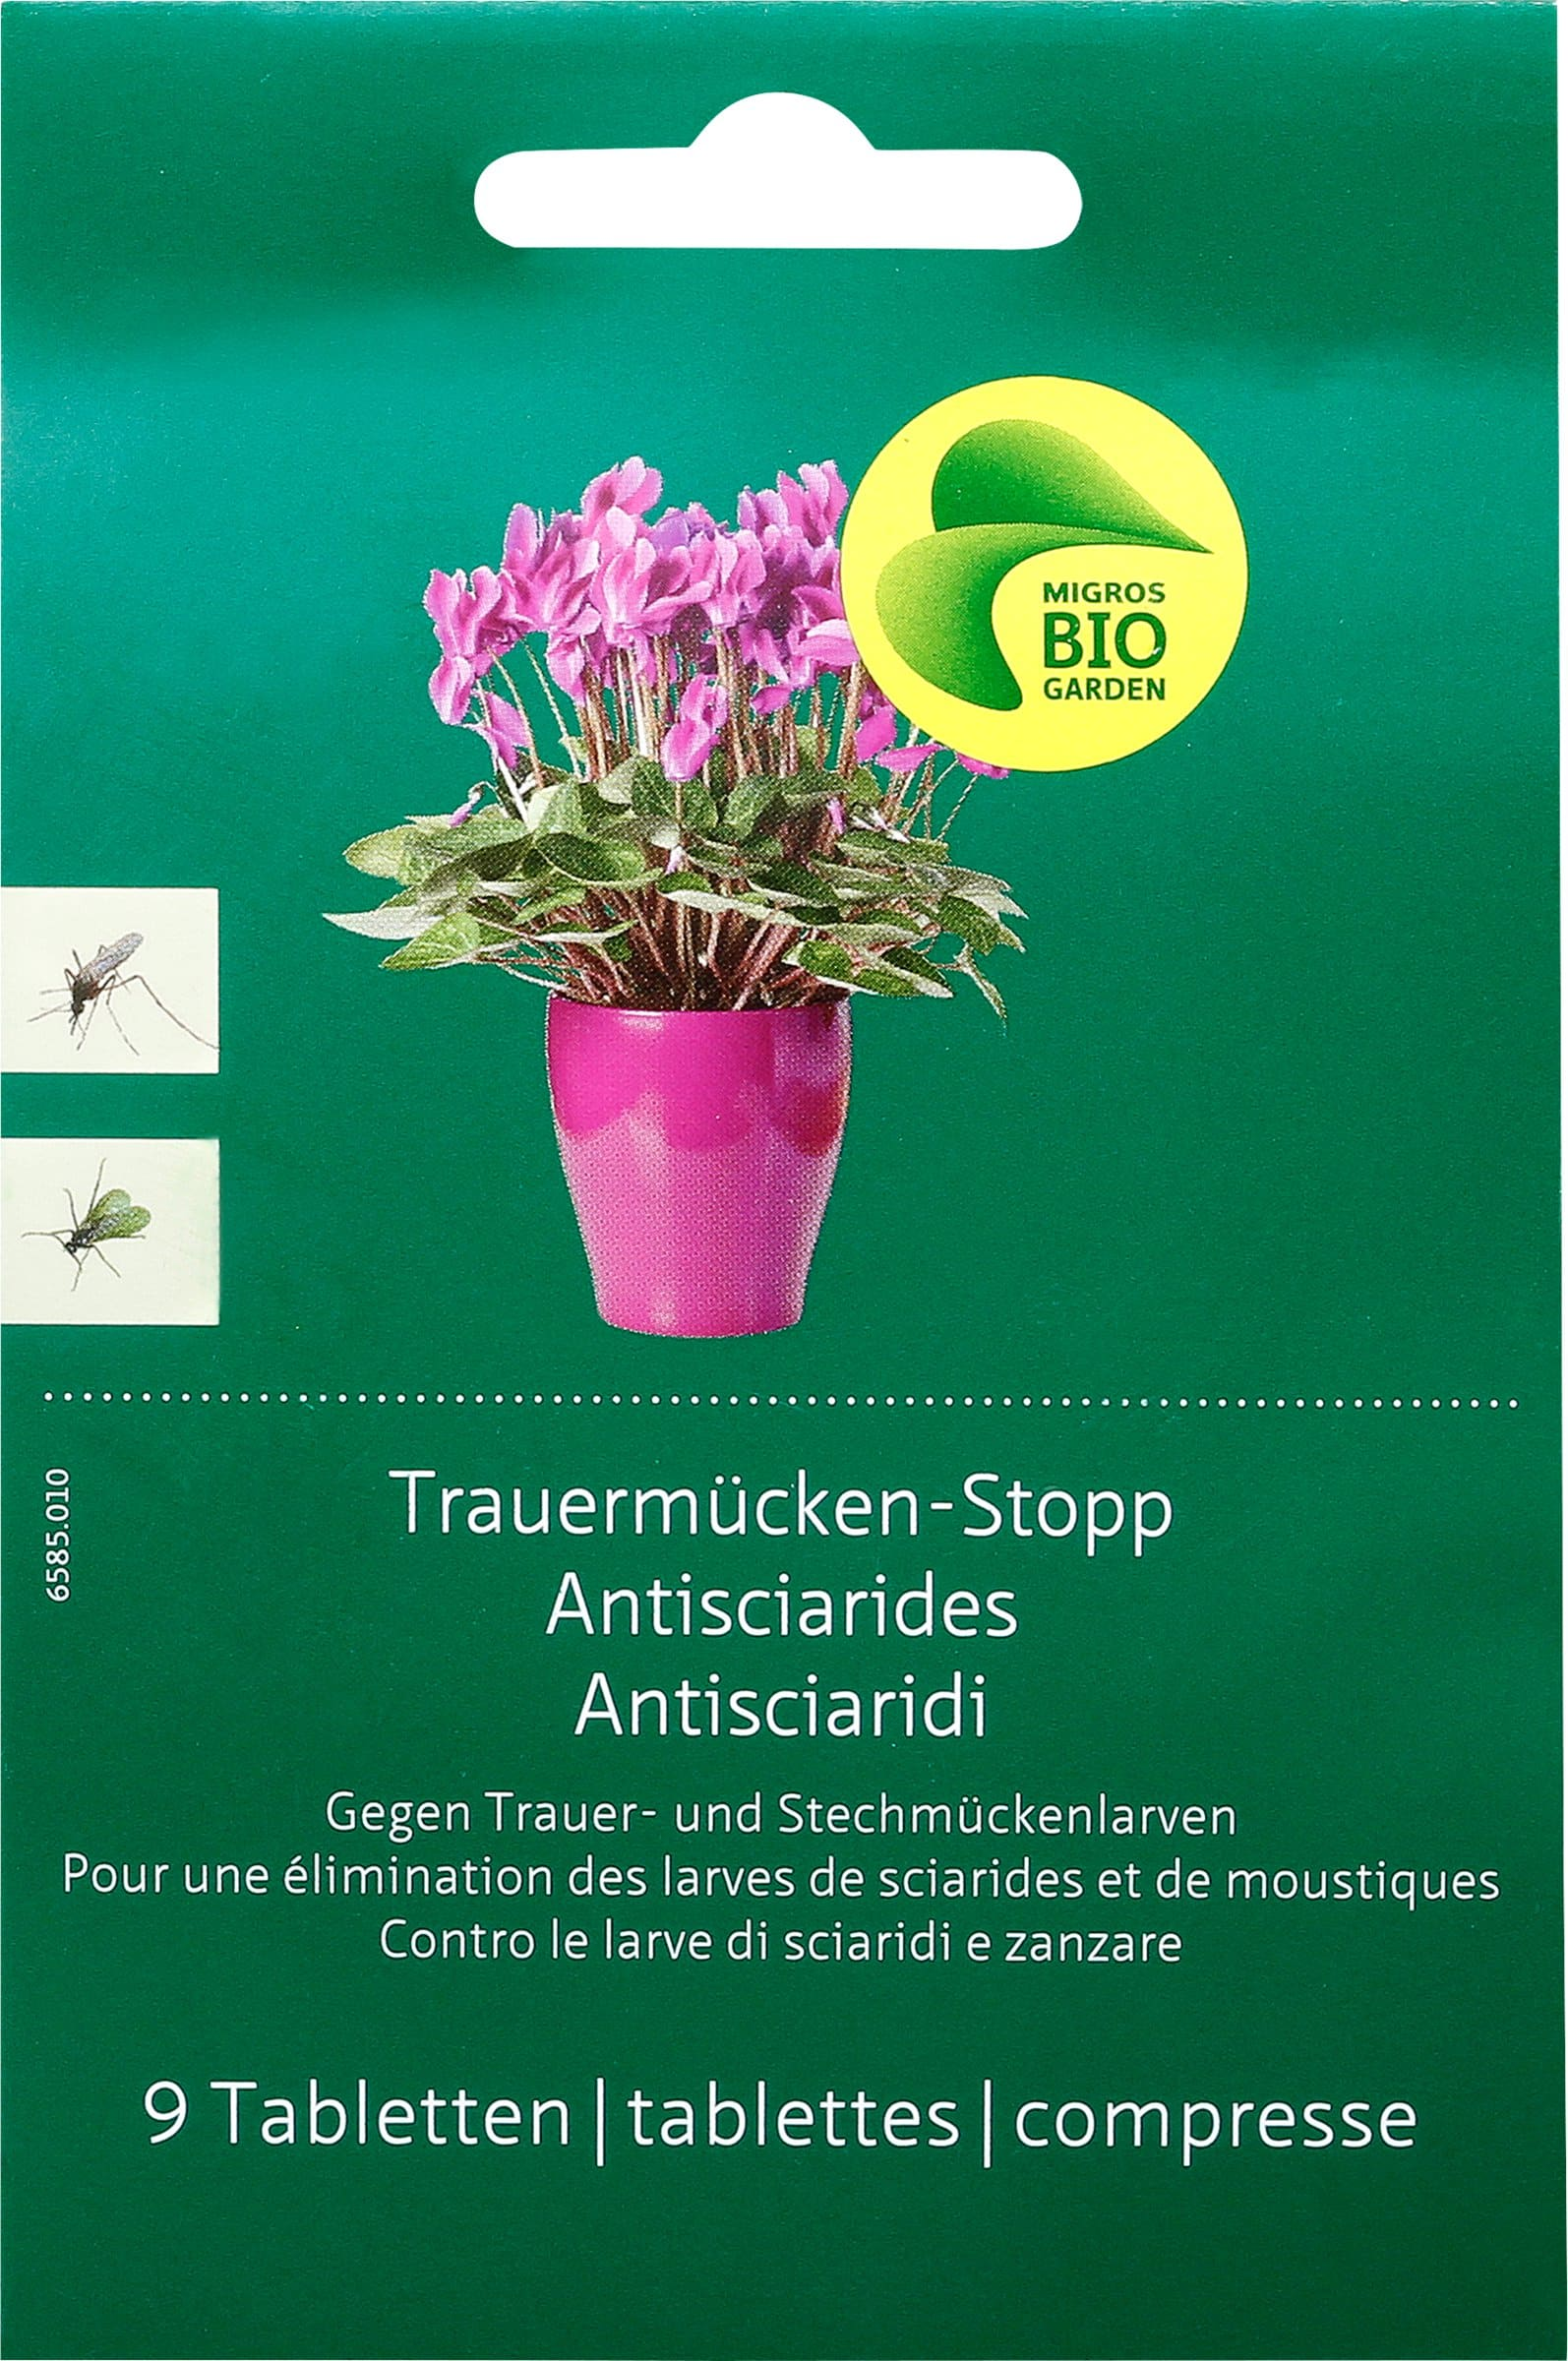 Migros-Bio Garden Trauermücken-Stopp